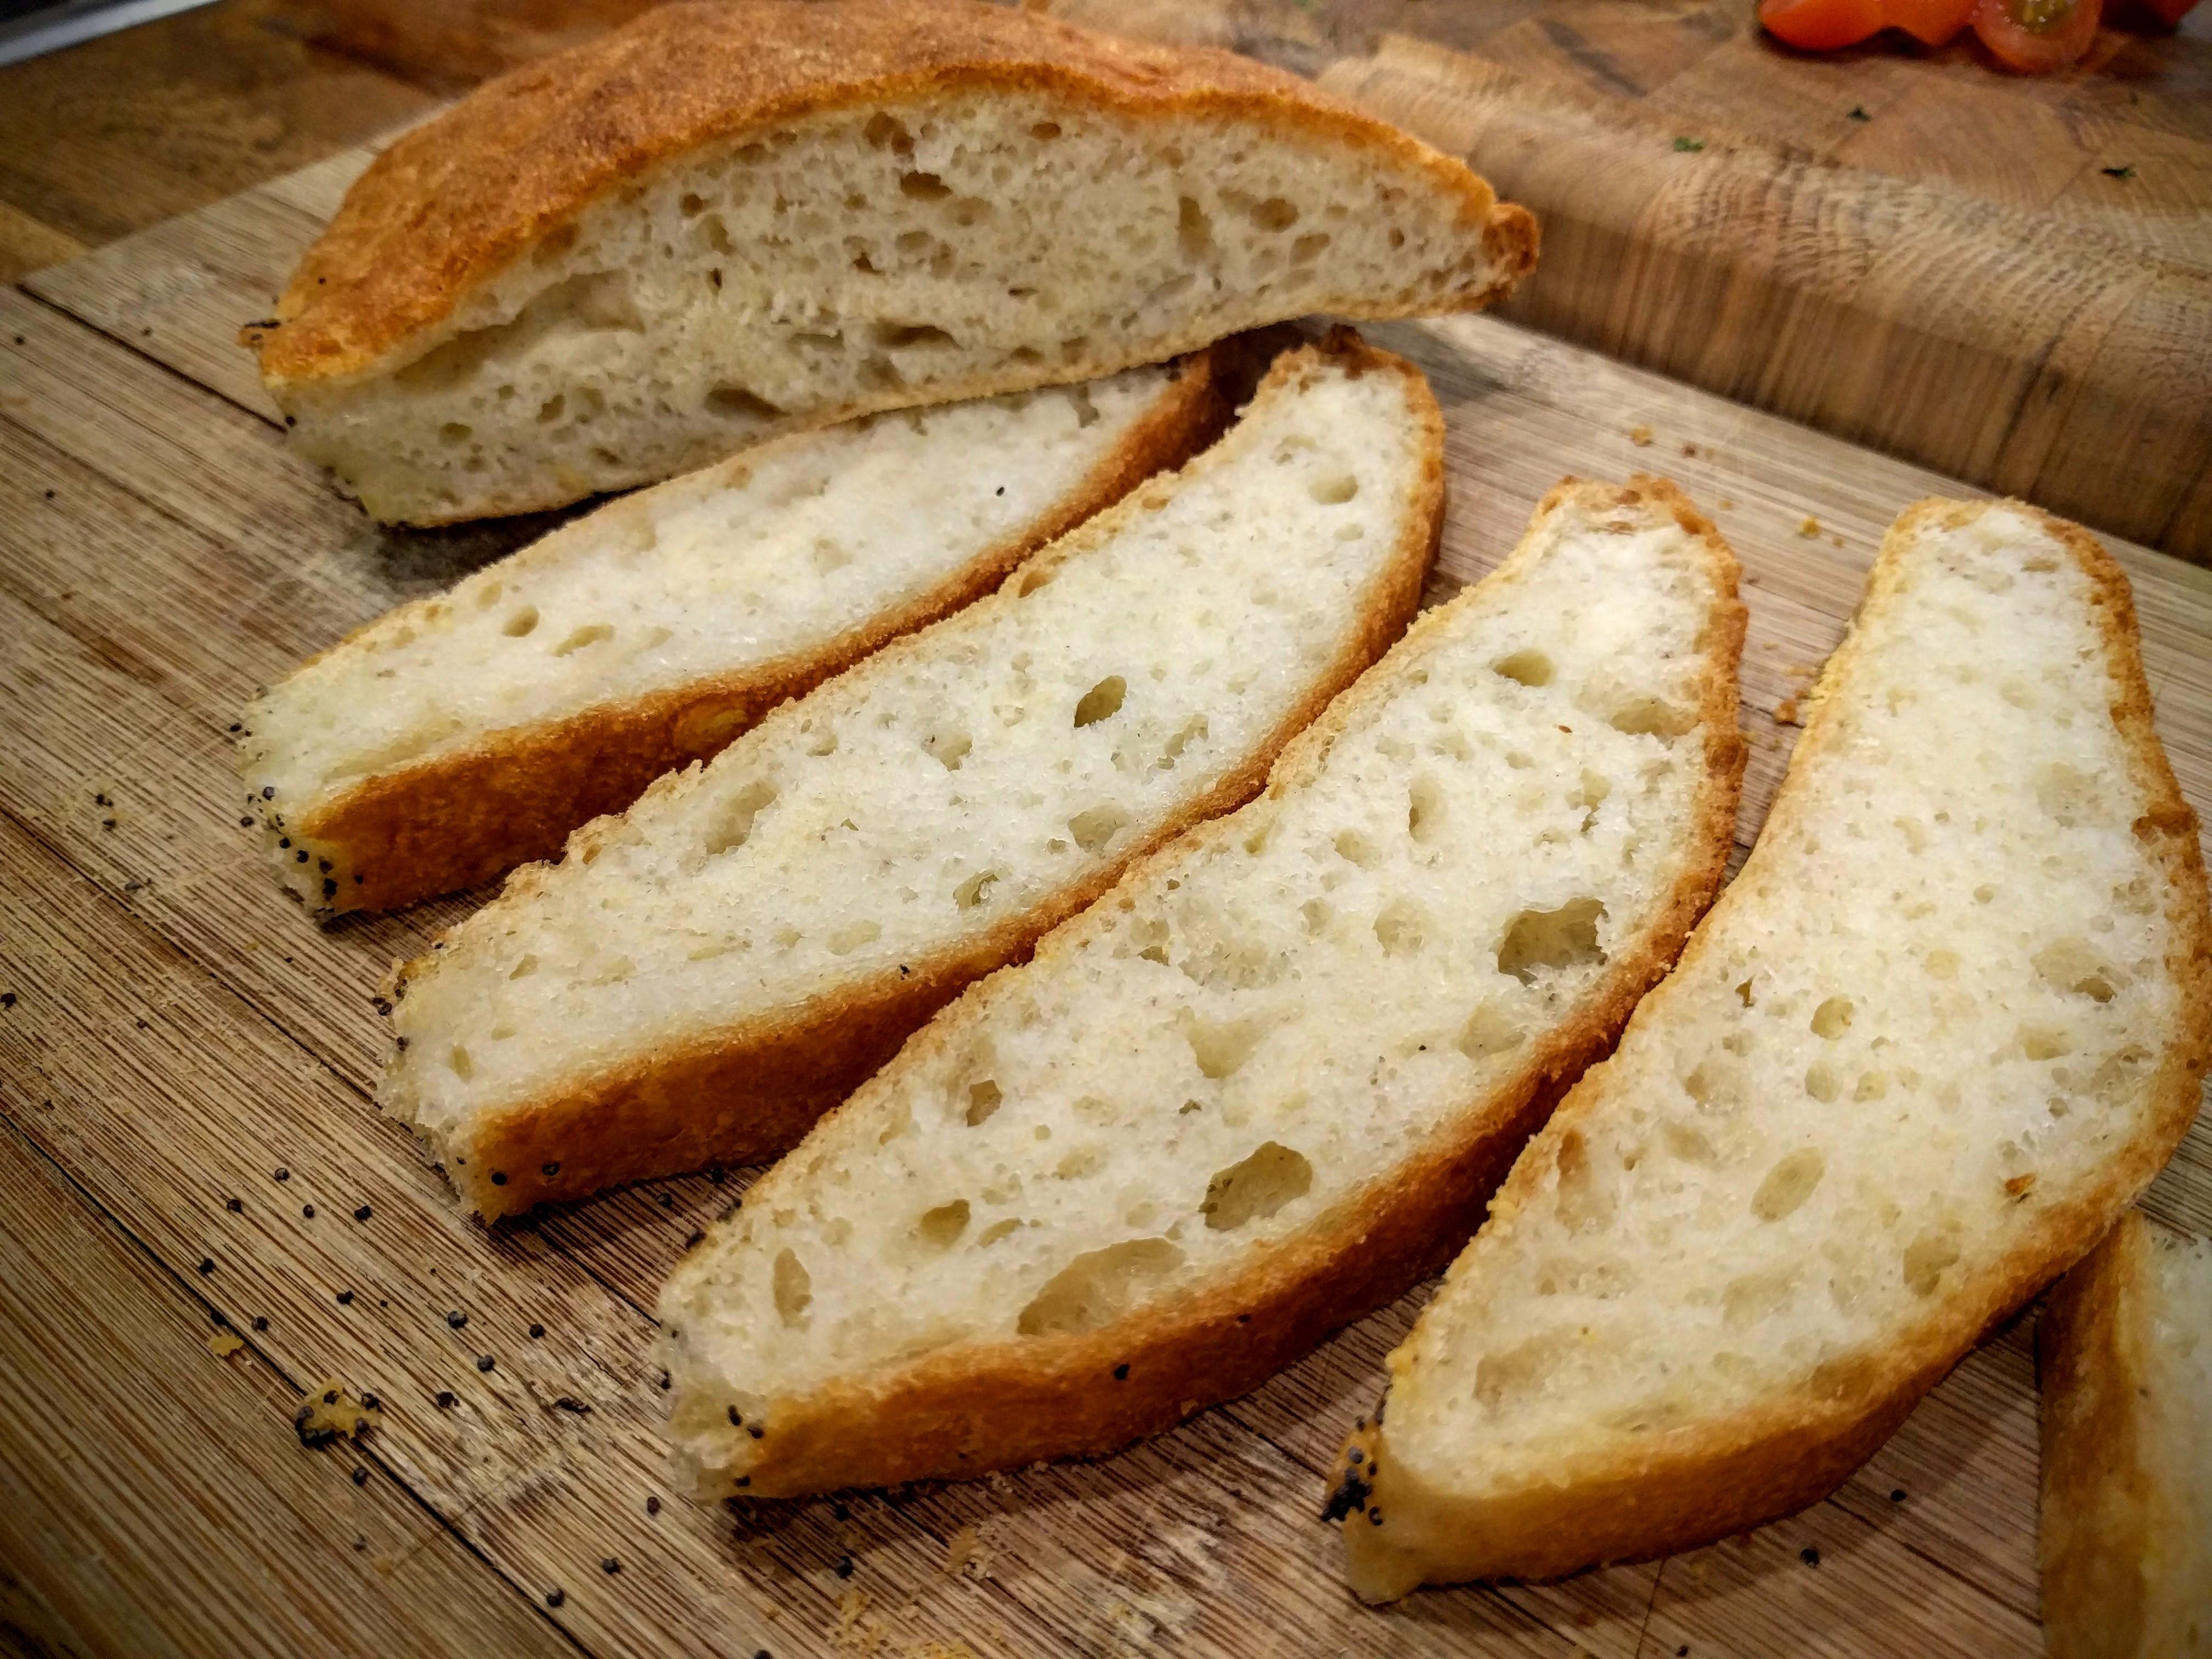 gott glutenfritt bröd att köpa